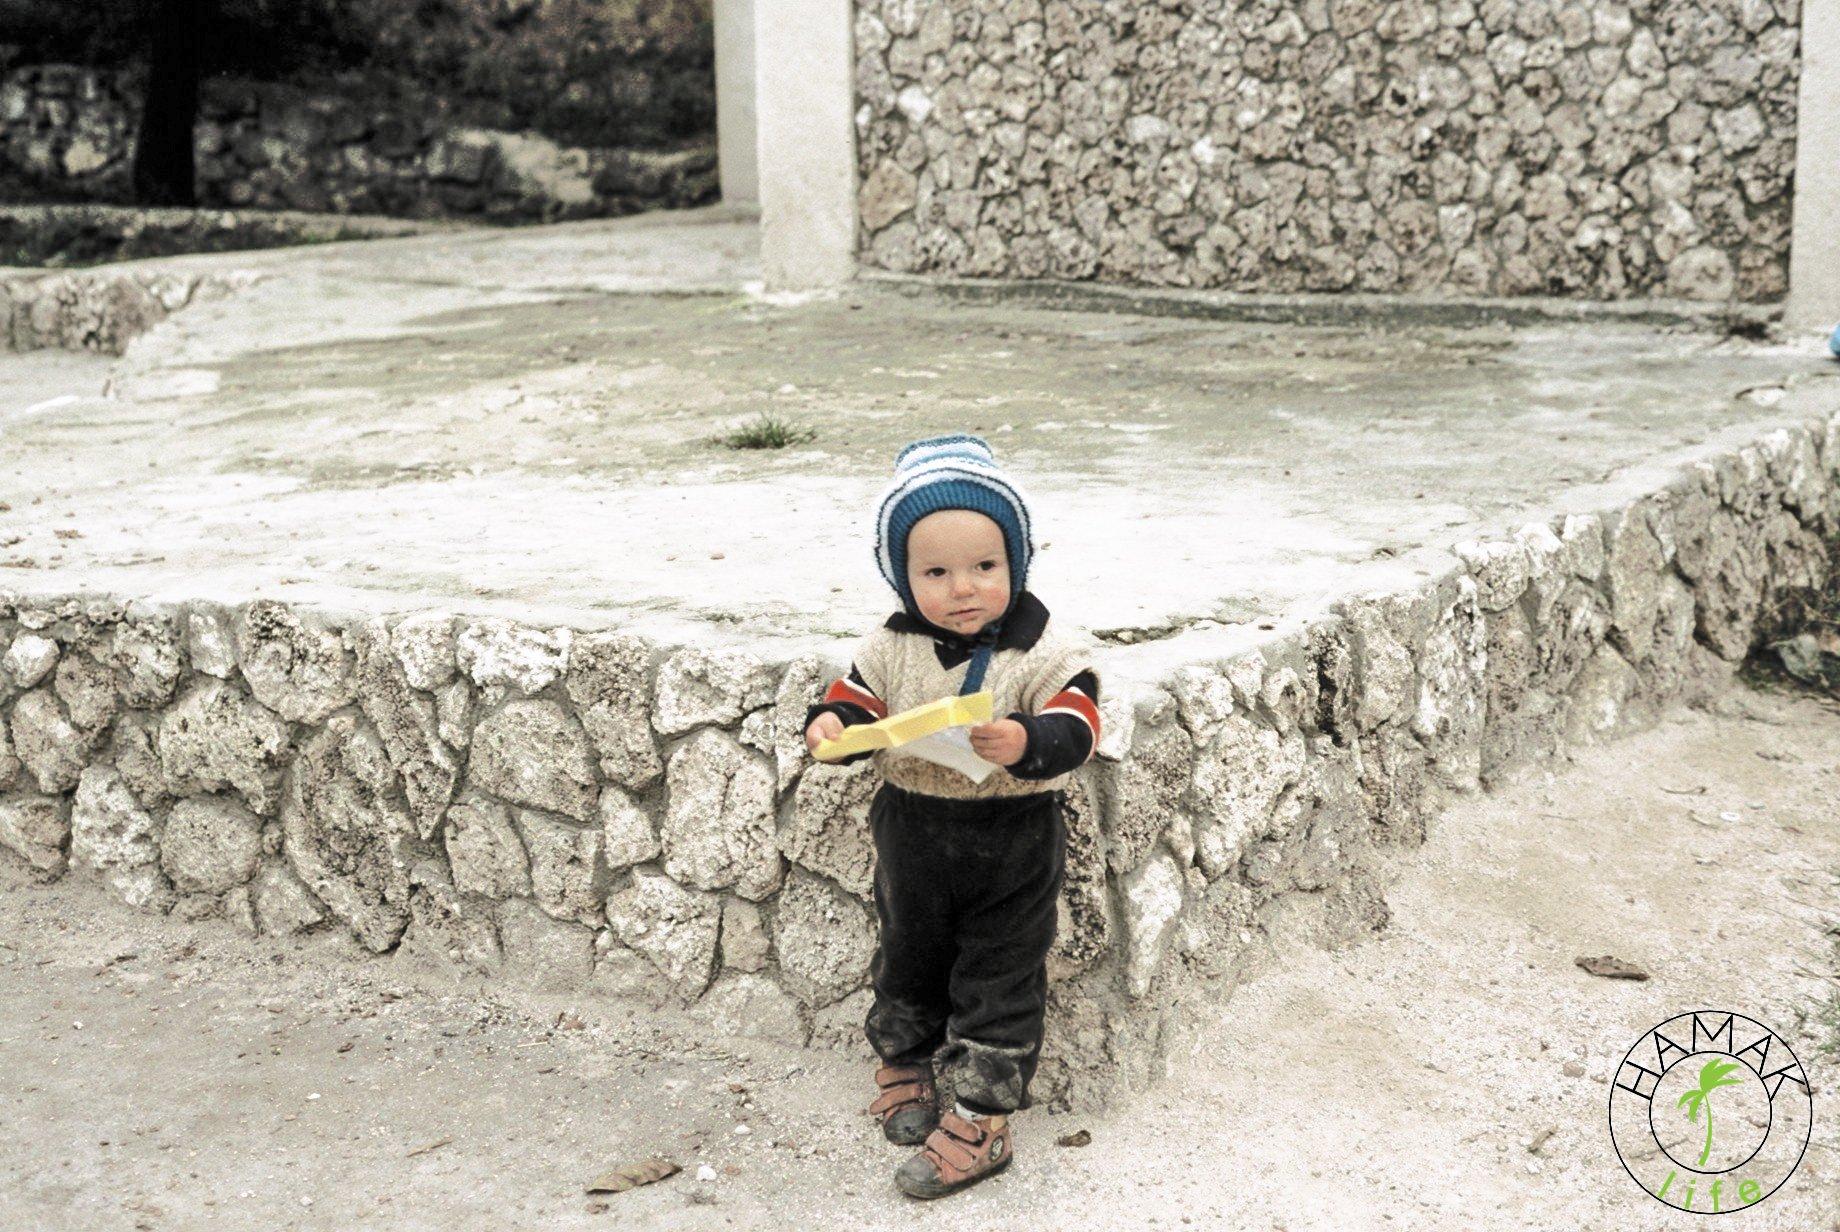 Reportaż z wioski w Mołdawii. Dziecko i czekolada.